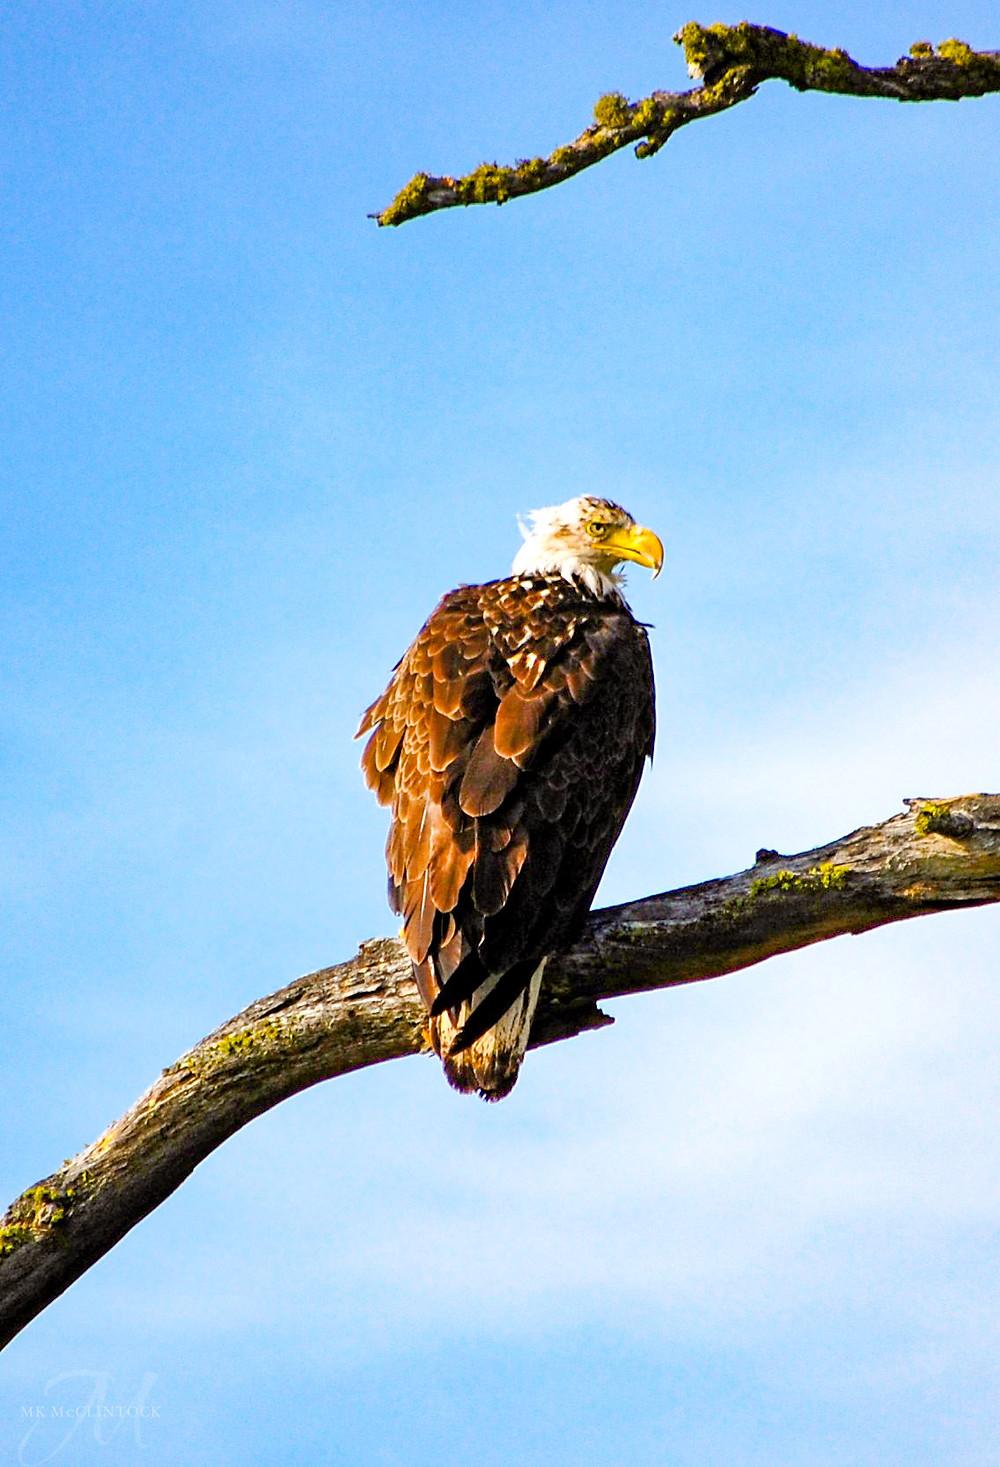 Eagle_MK McClintock